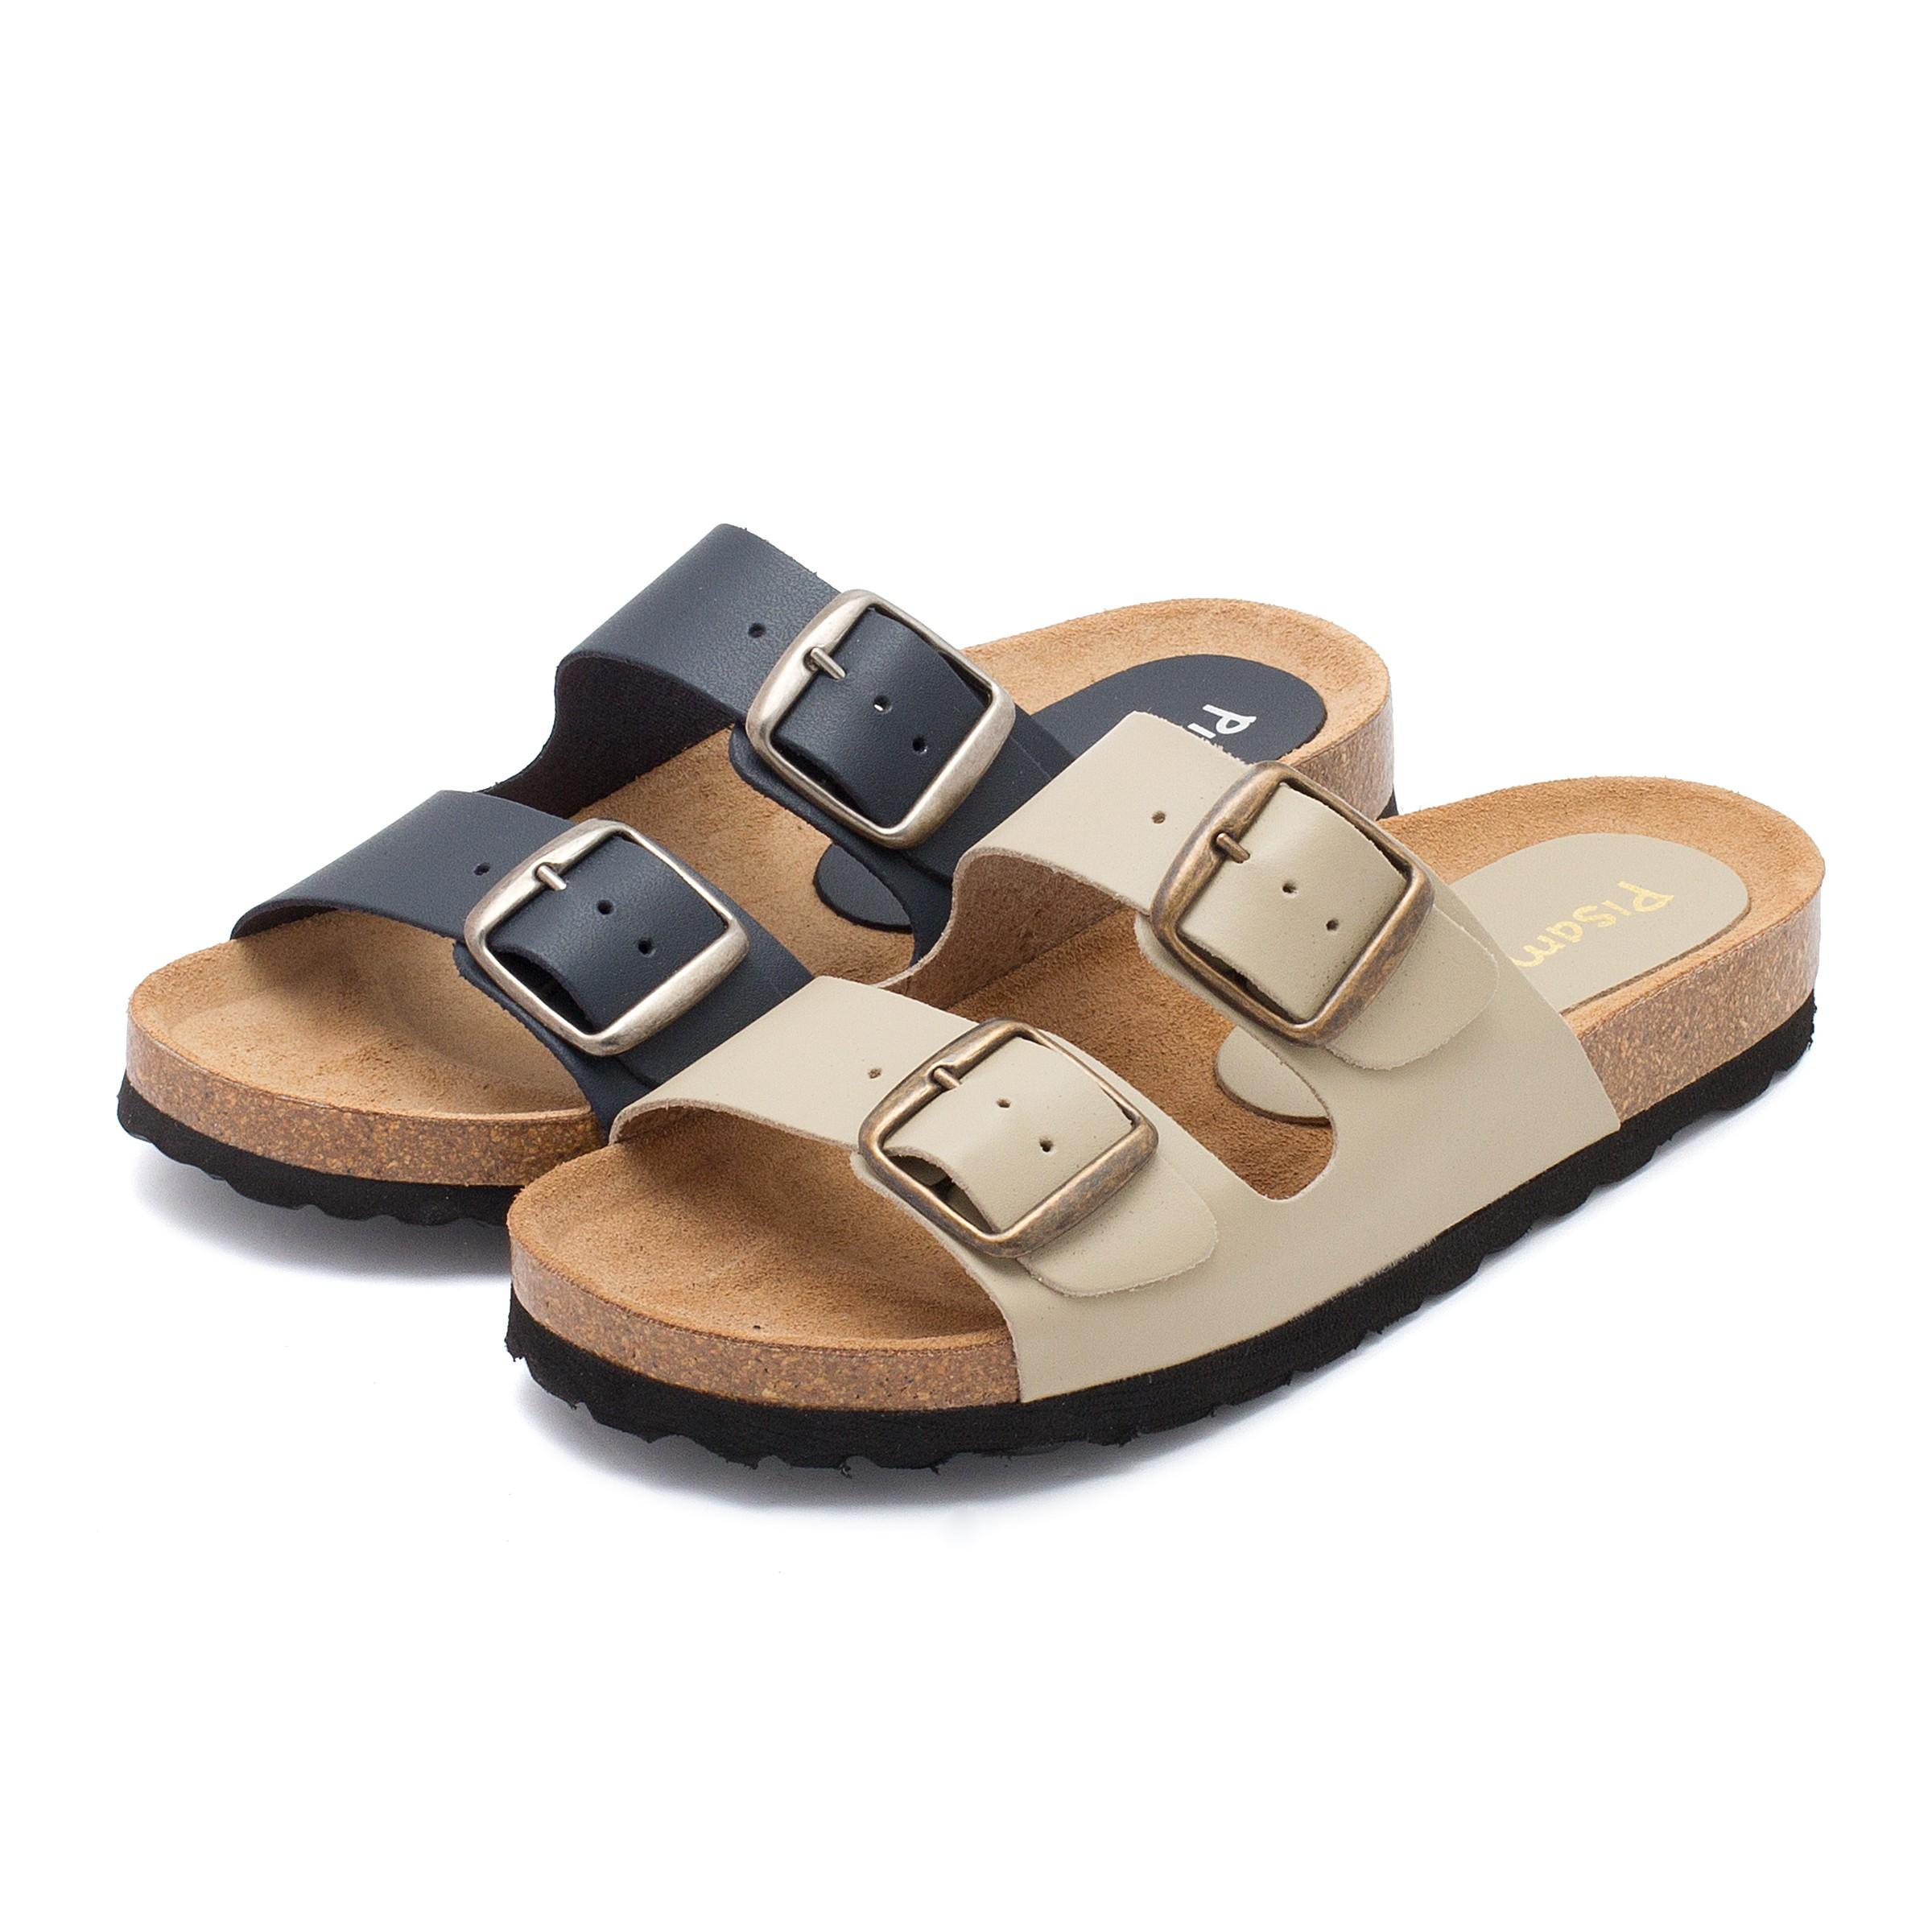 Black Sandals Sand 225 Lias Bio Com Fivelas Sand 225 Lias Homem E Menino